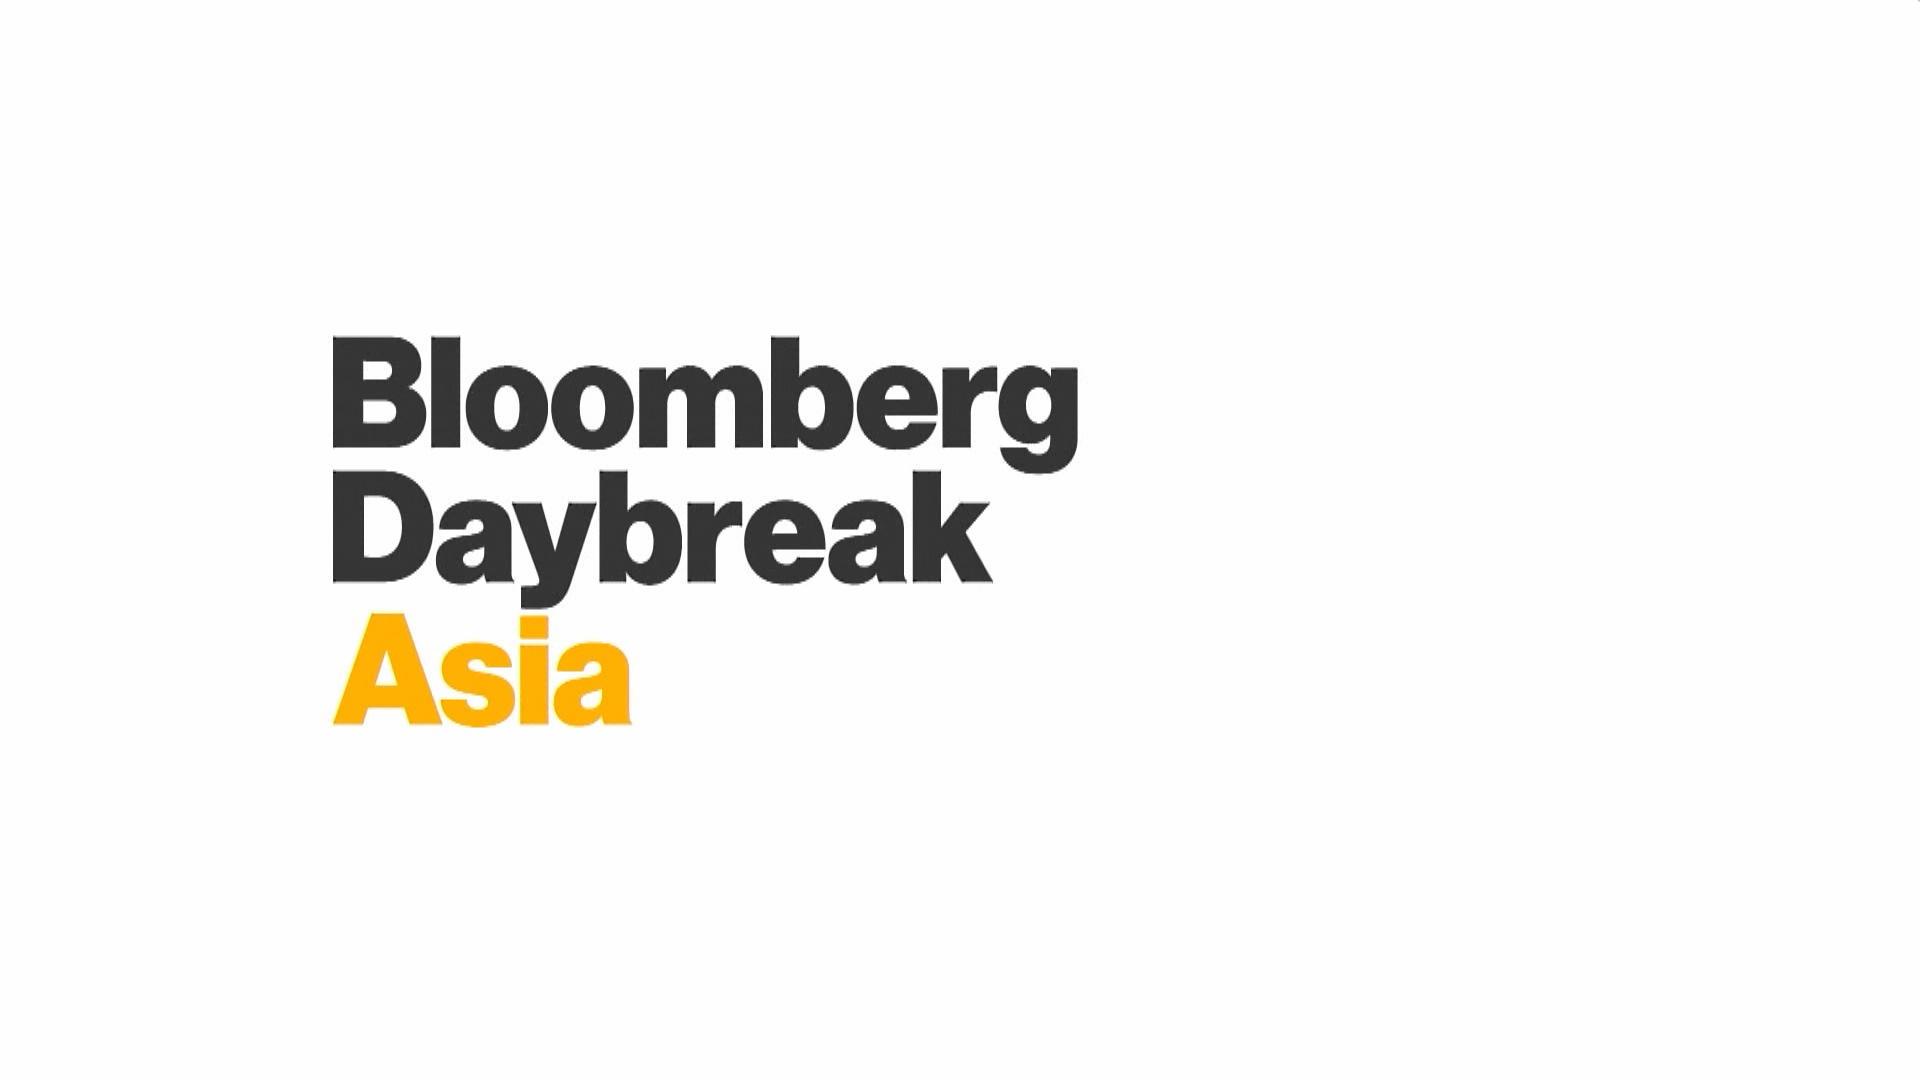 Bloomberg Daybreak Asia Full Show 06 14 2019 Bloomberg